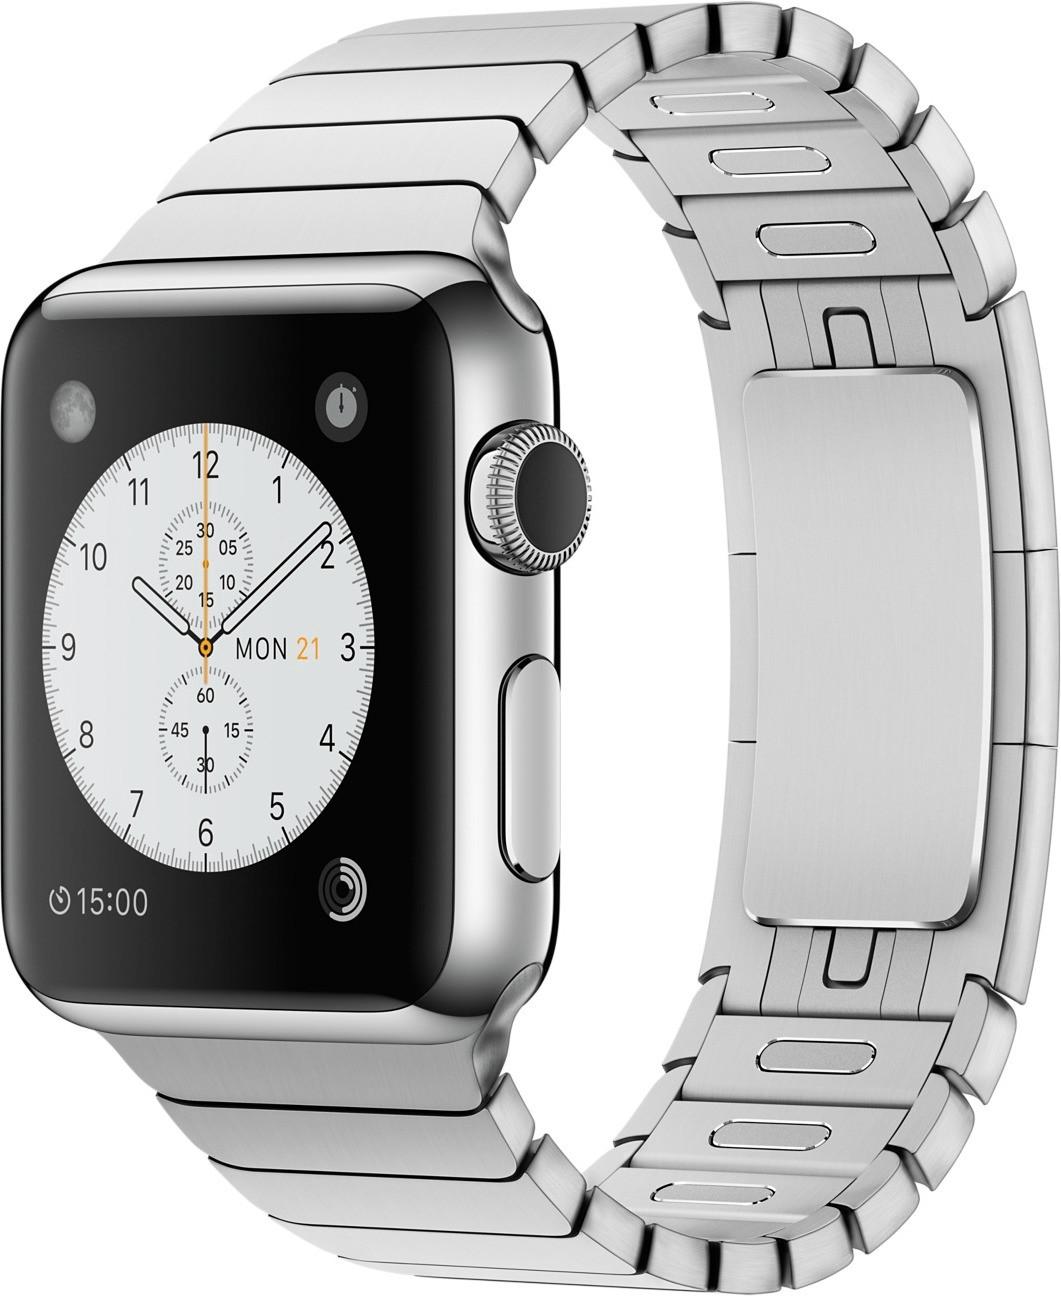 Apple Watch 38mm cassa in acciaio con bracciale a maglie